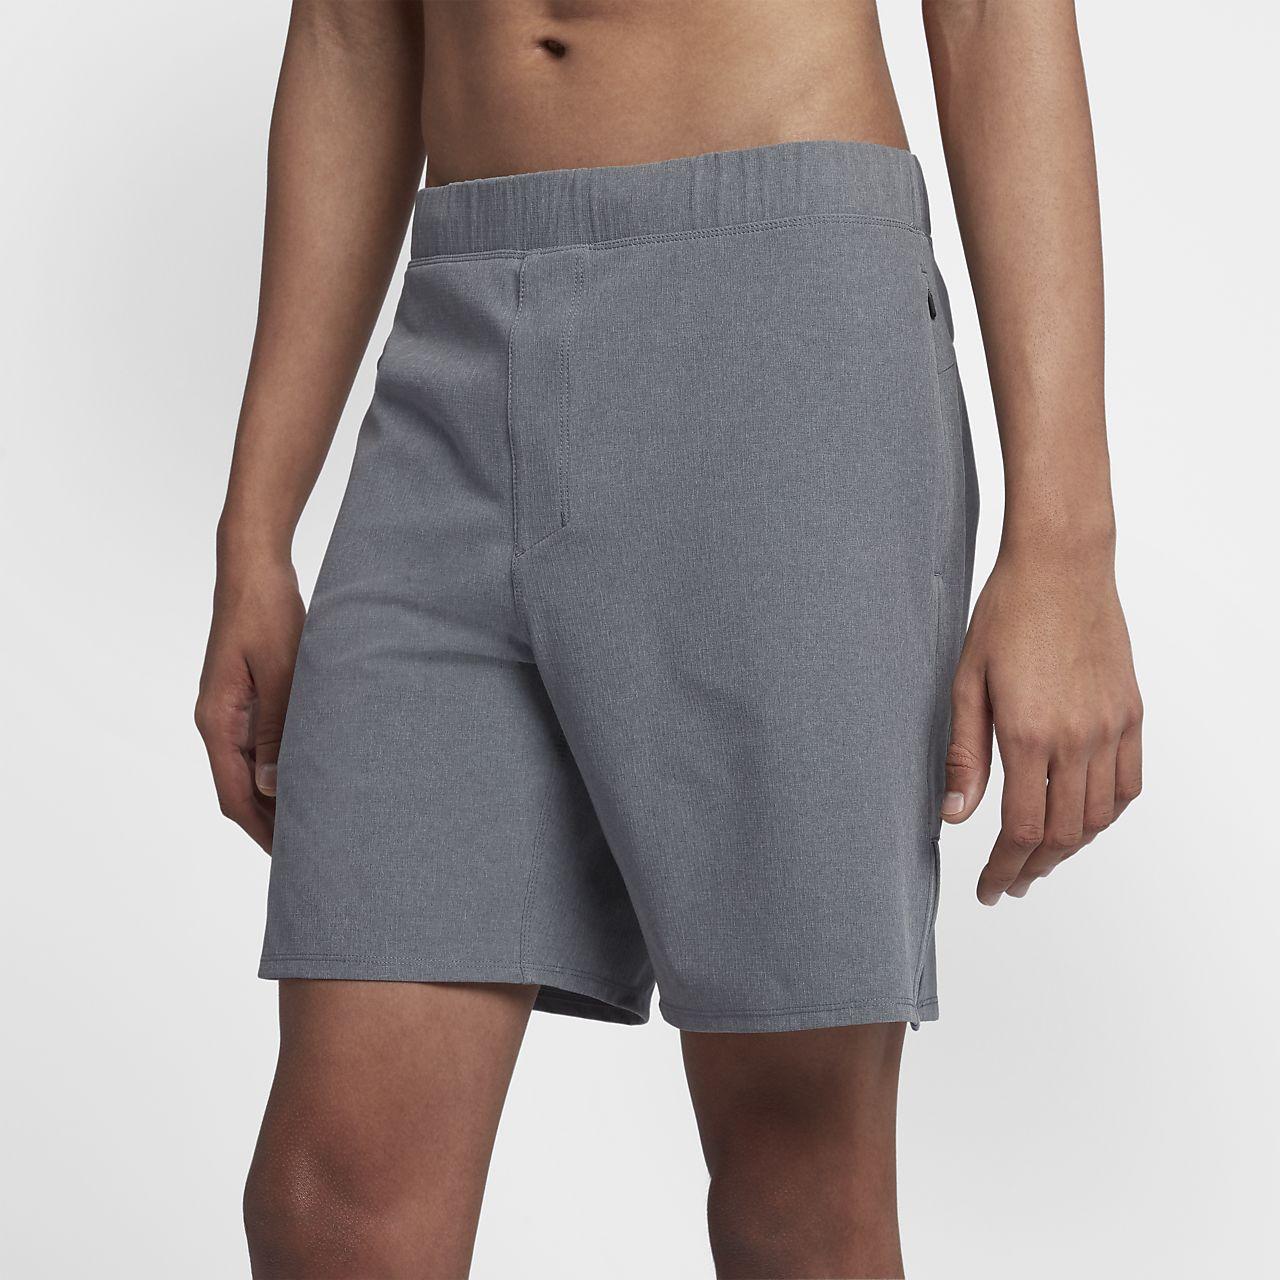 Hurley Alpha Trainer Plus-shorts (45,5 cm) til mænd